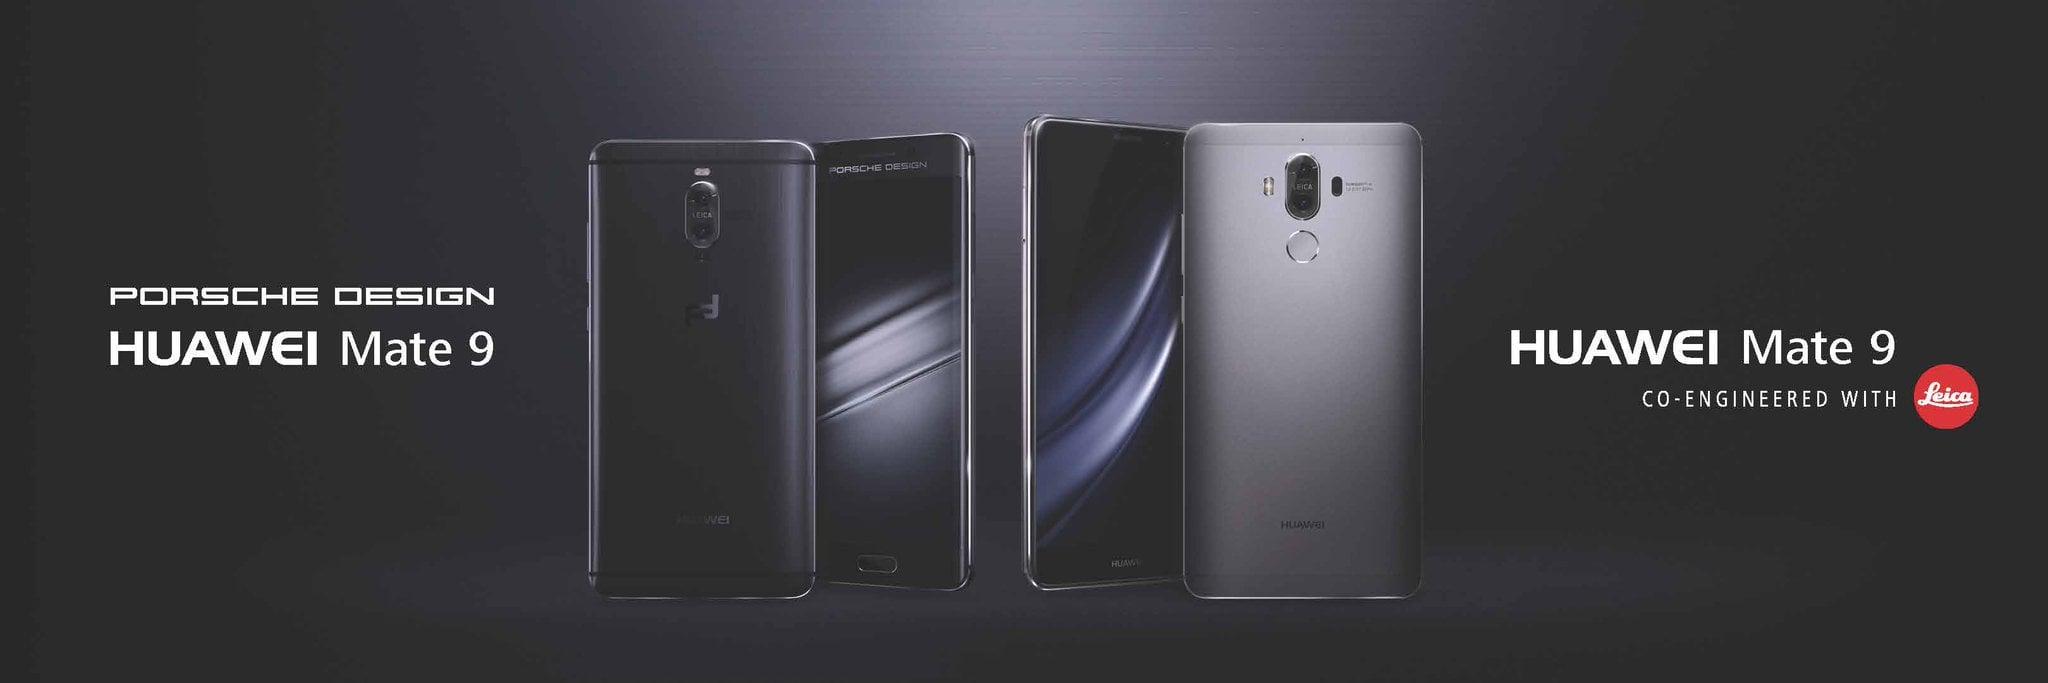 Huawei Mate 9 i Huawei Mate 9 Porshe Design